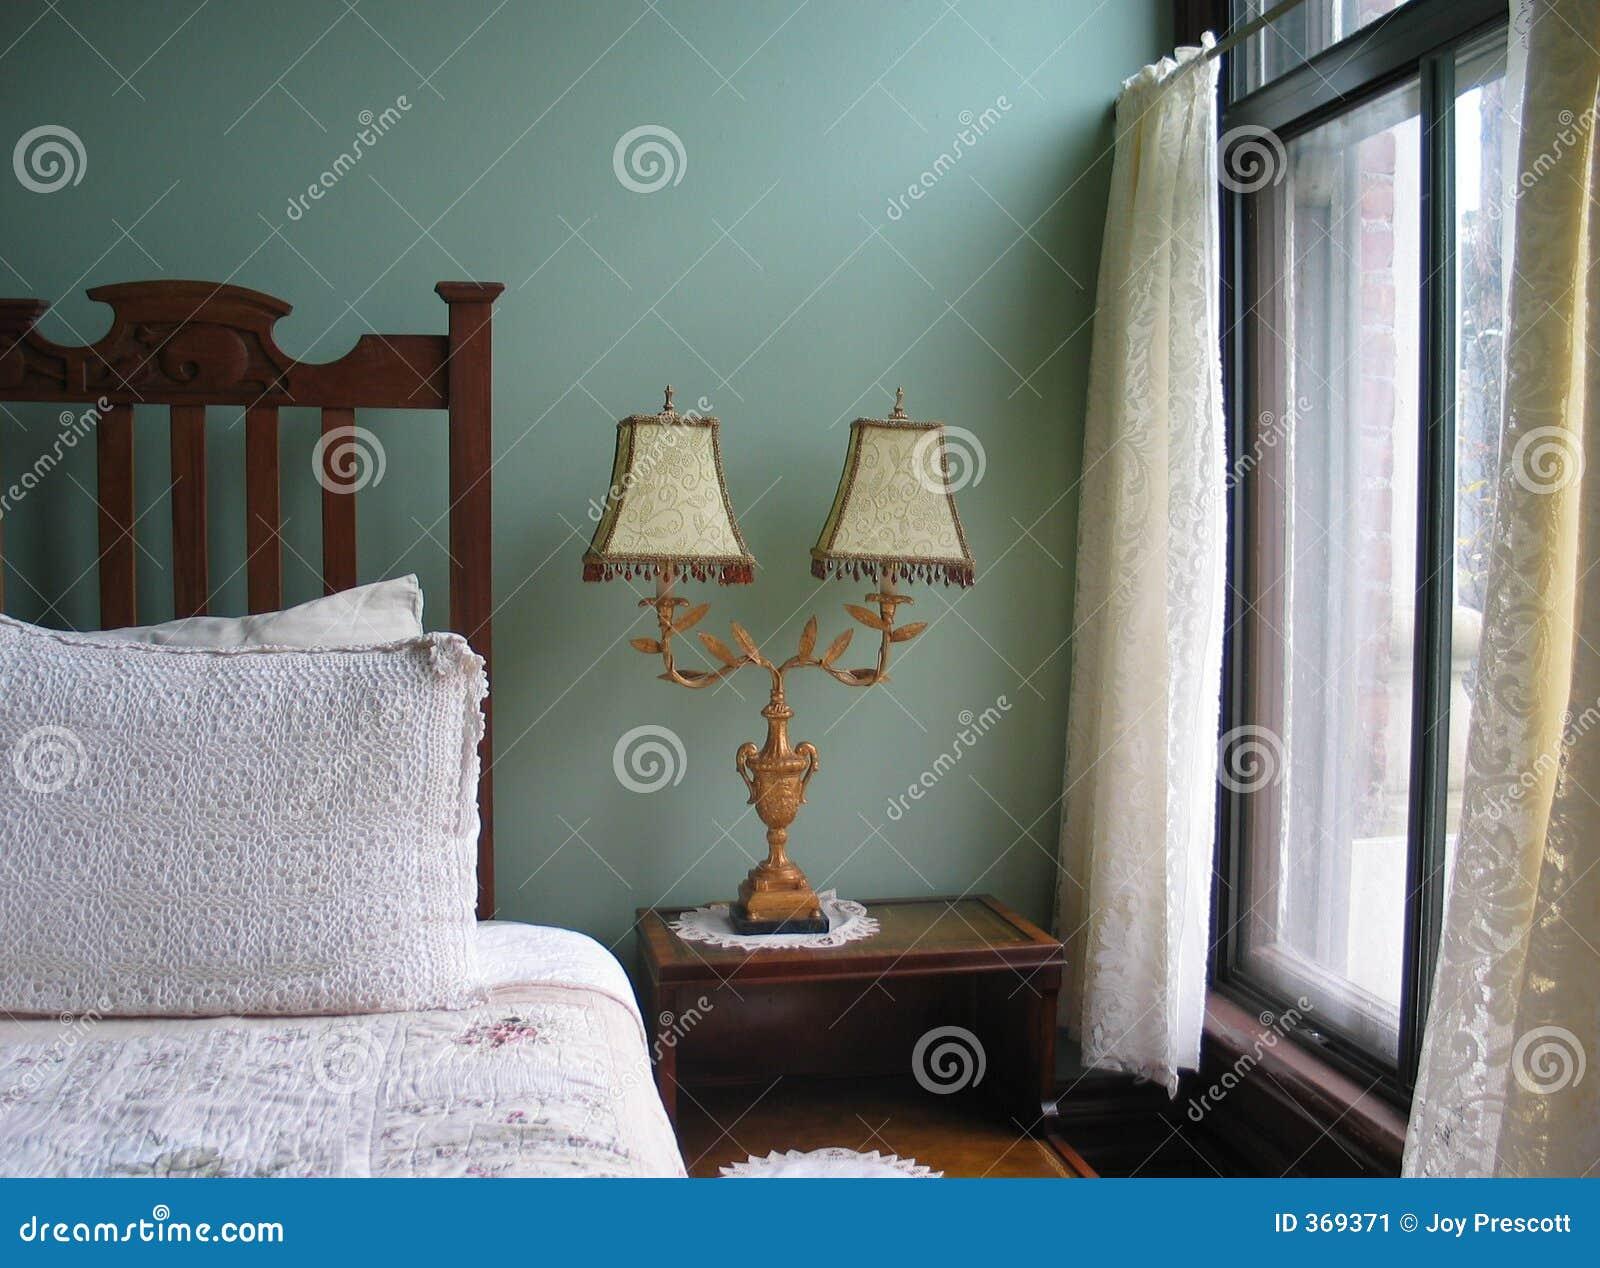 Stock Afbeelding: Rustige Slaapkamer